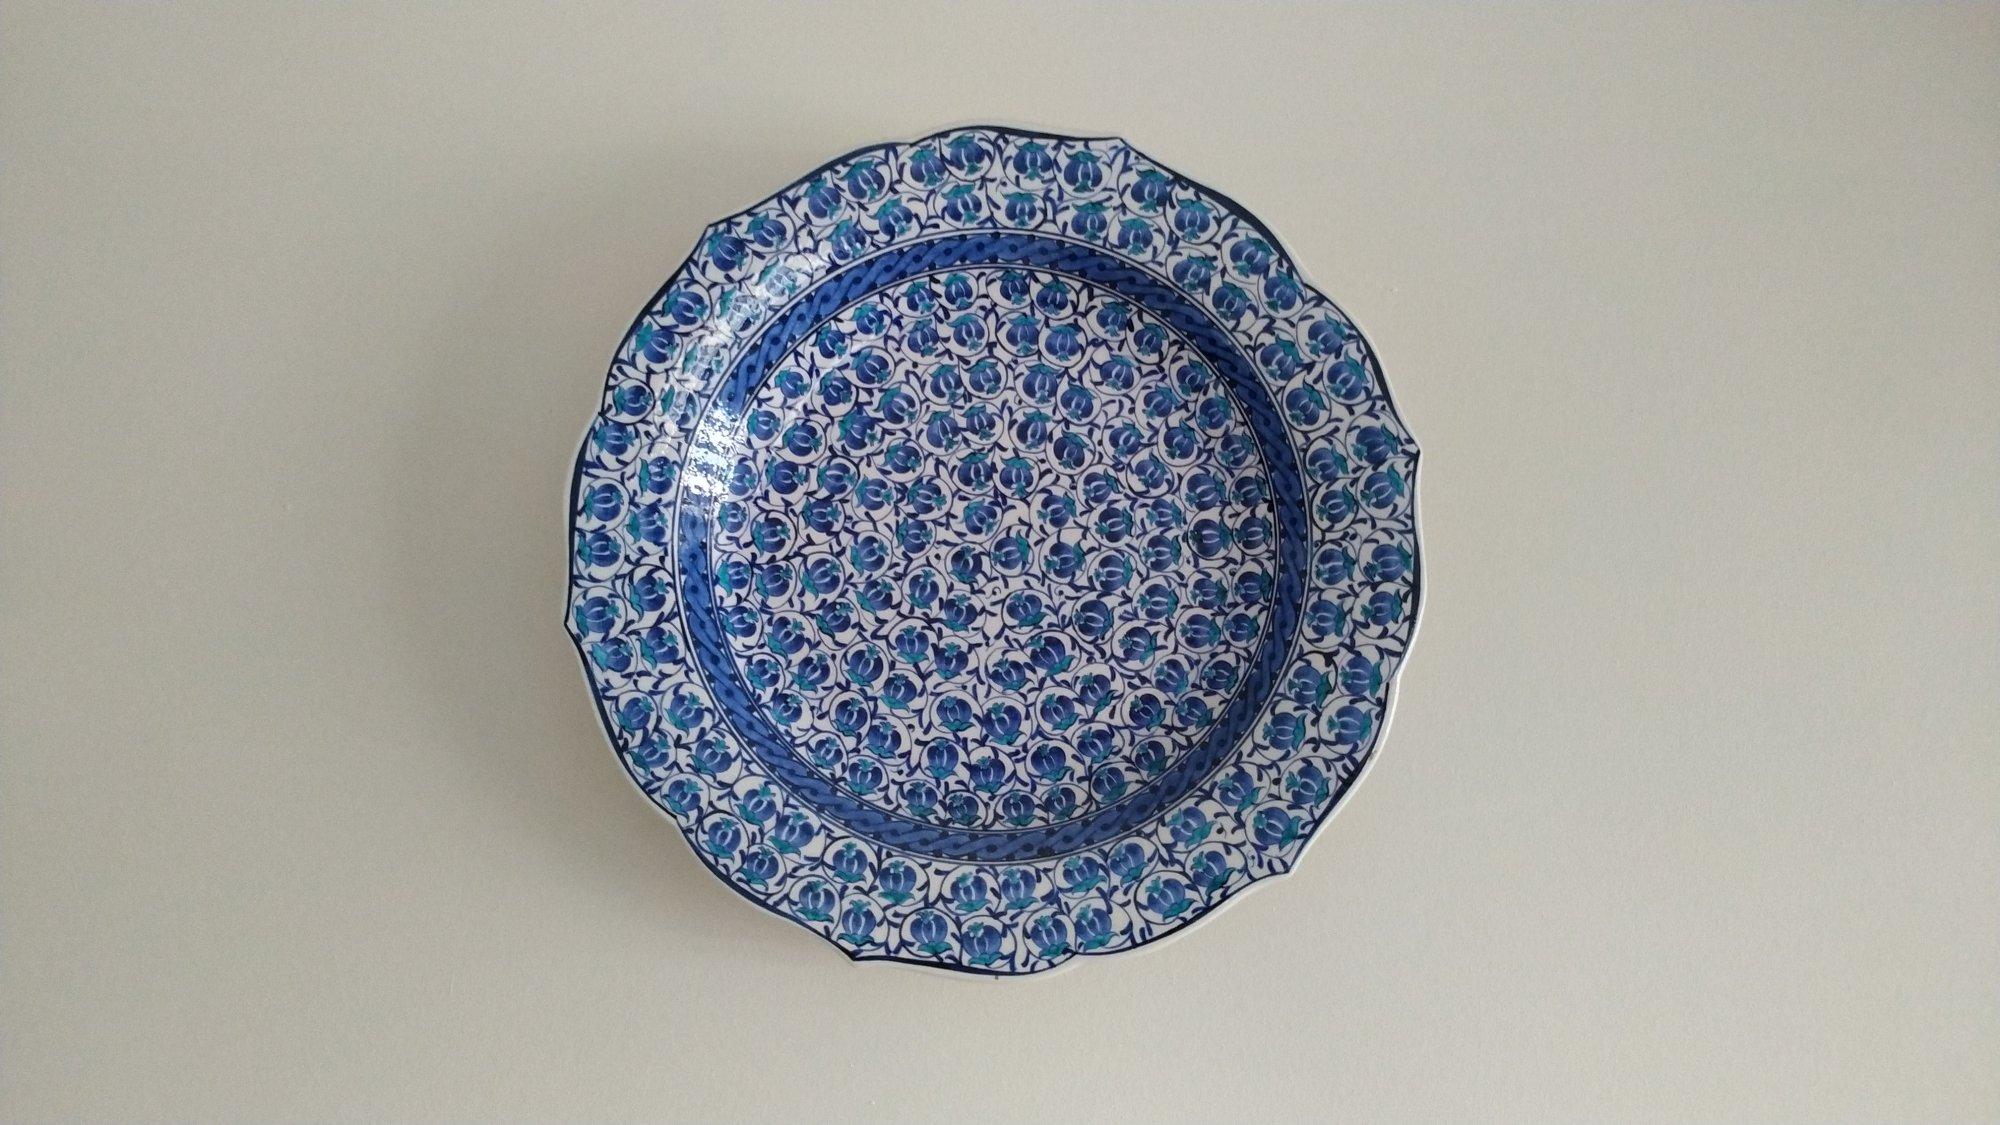 Mavi Beyaz Çini Tabaklar Duvar  Süsleri Türkiye anısı hatıralar  Klasik Desen Samur Fırça iznik ve Kütahya çini Tabak Çini sanatı örnekleri